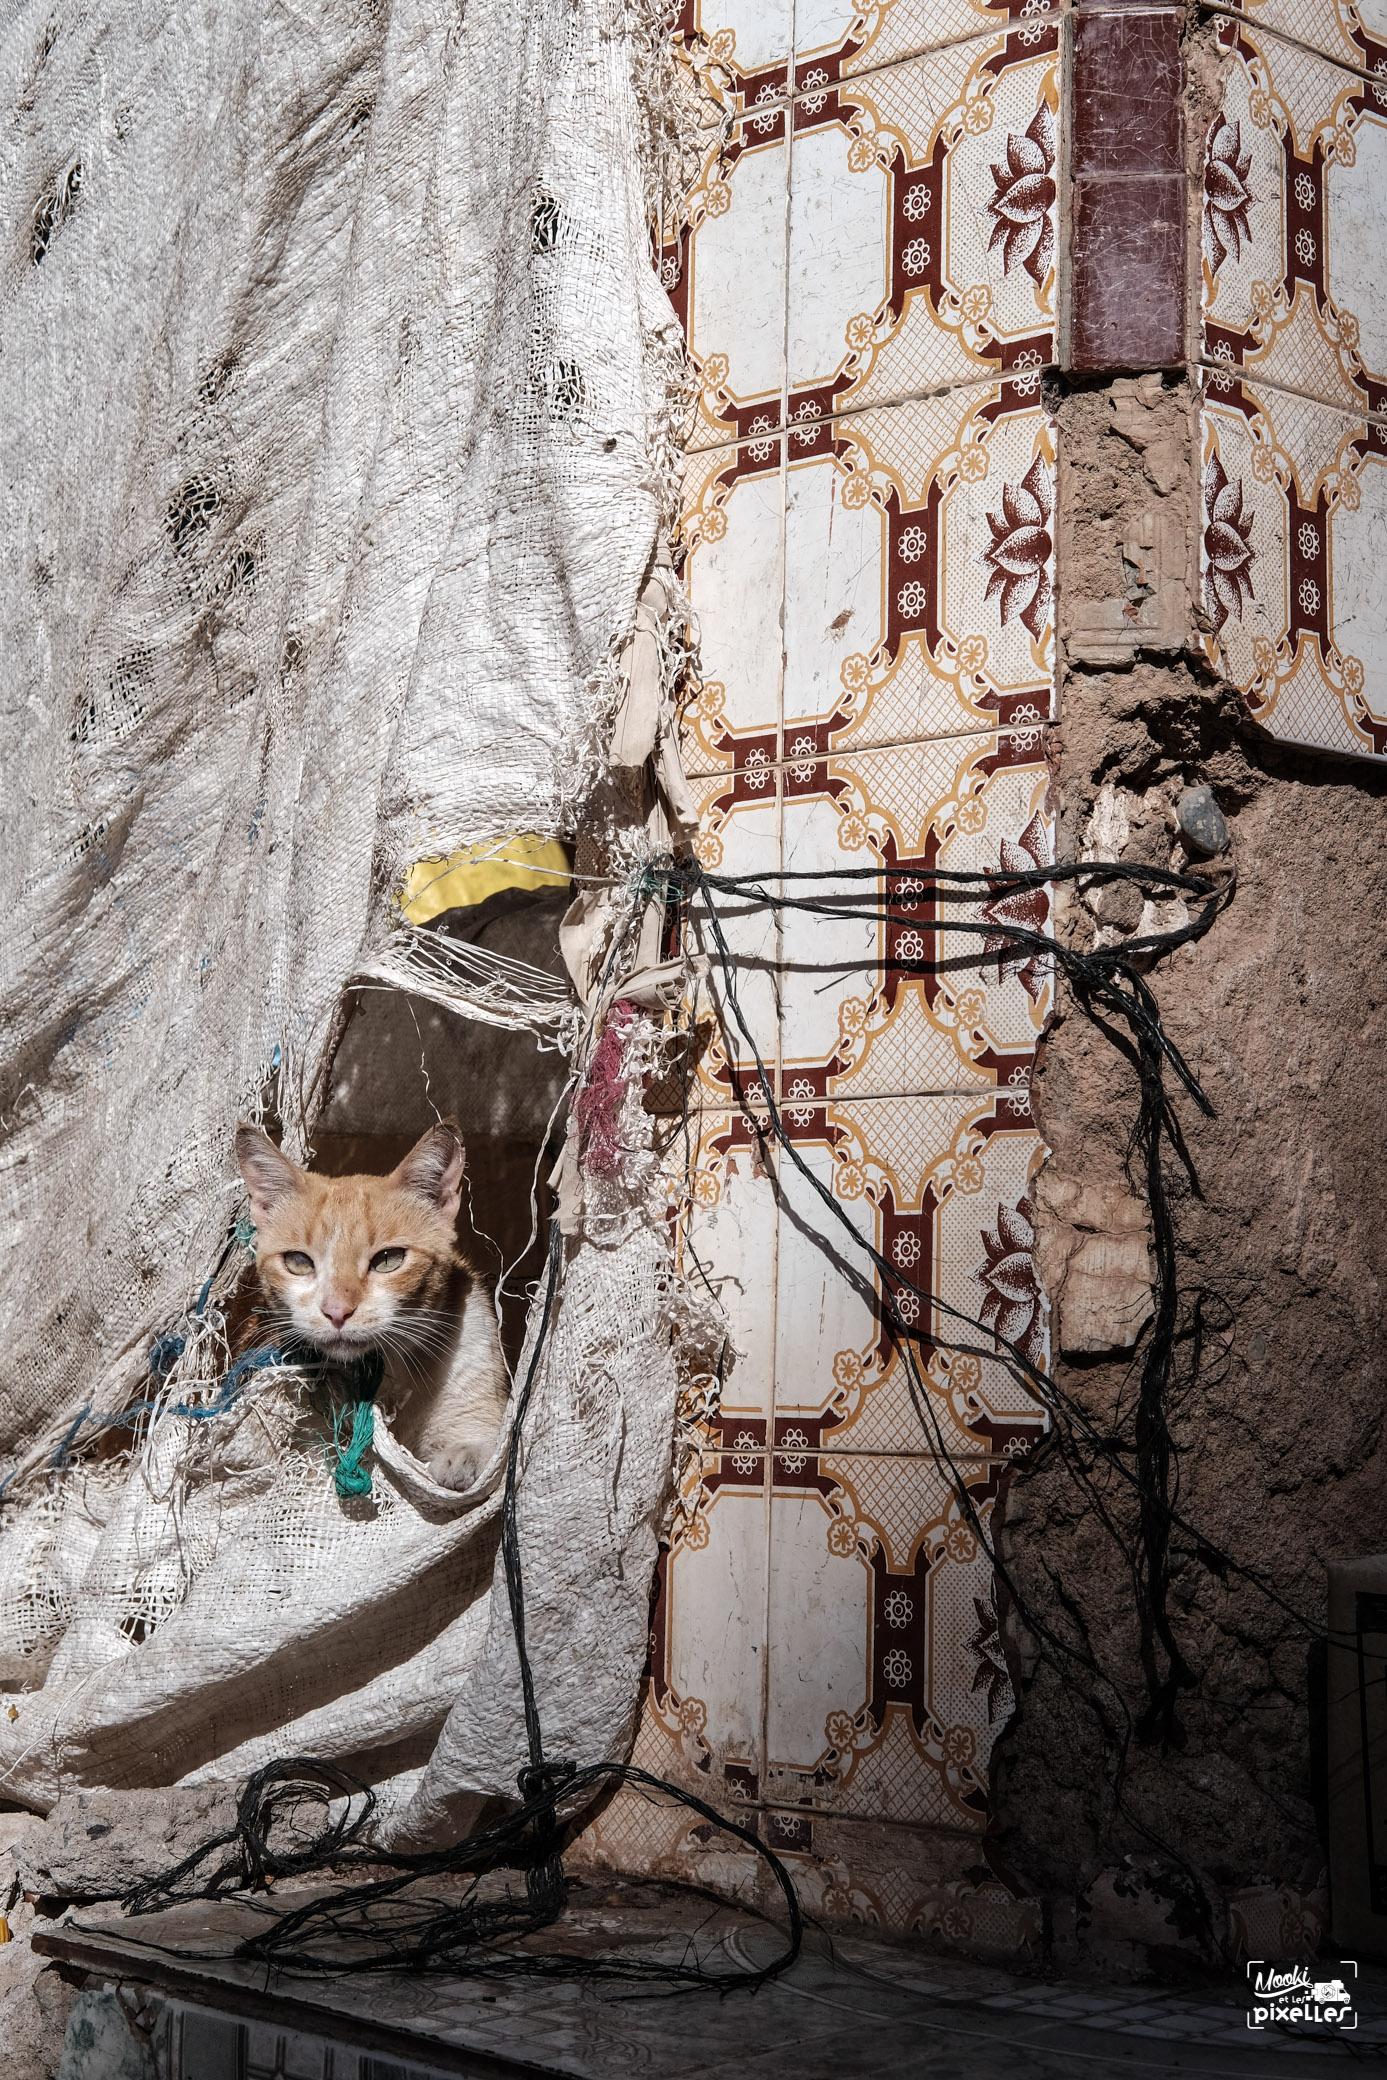 Un chat dans les rues de Tata au Maroc